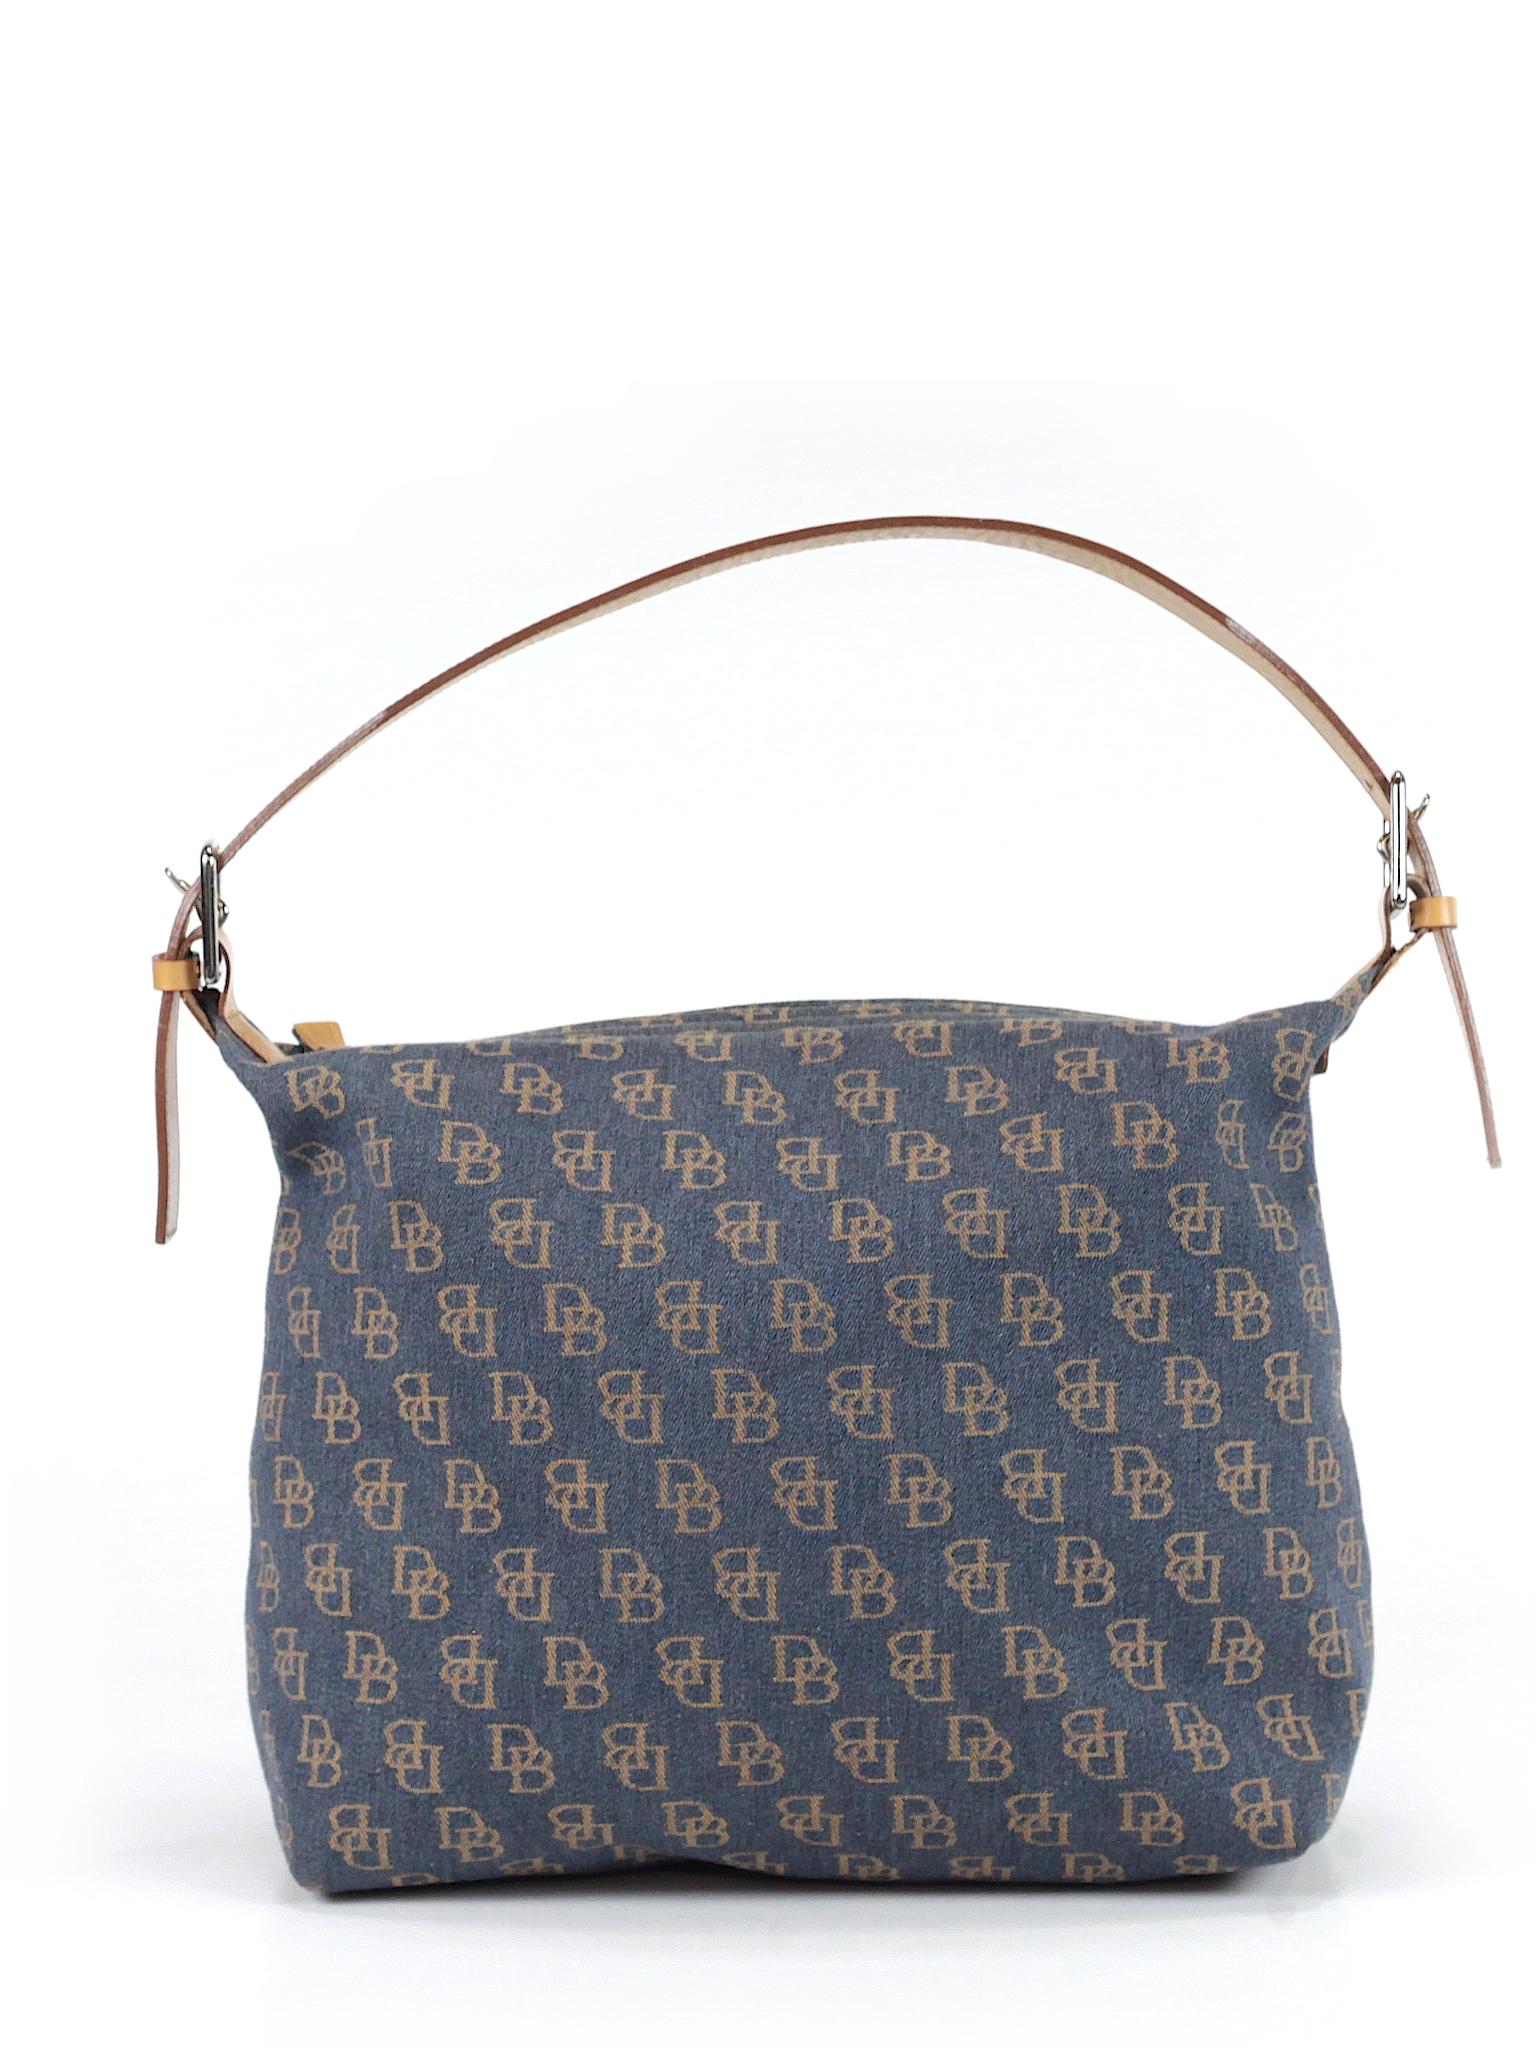 dooney bourke shoulder bag 63 off only on thredup. Black Bedroom Furniture Sets. Home Design Ideas